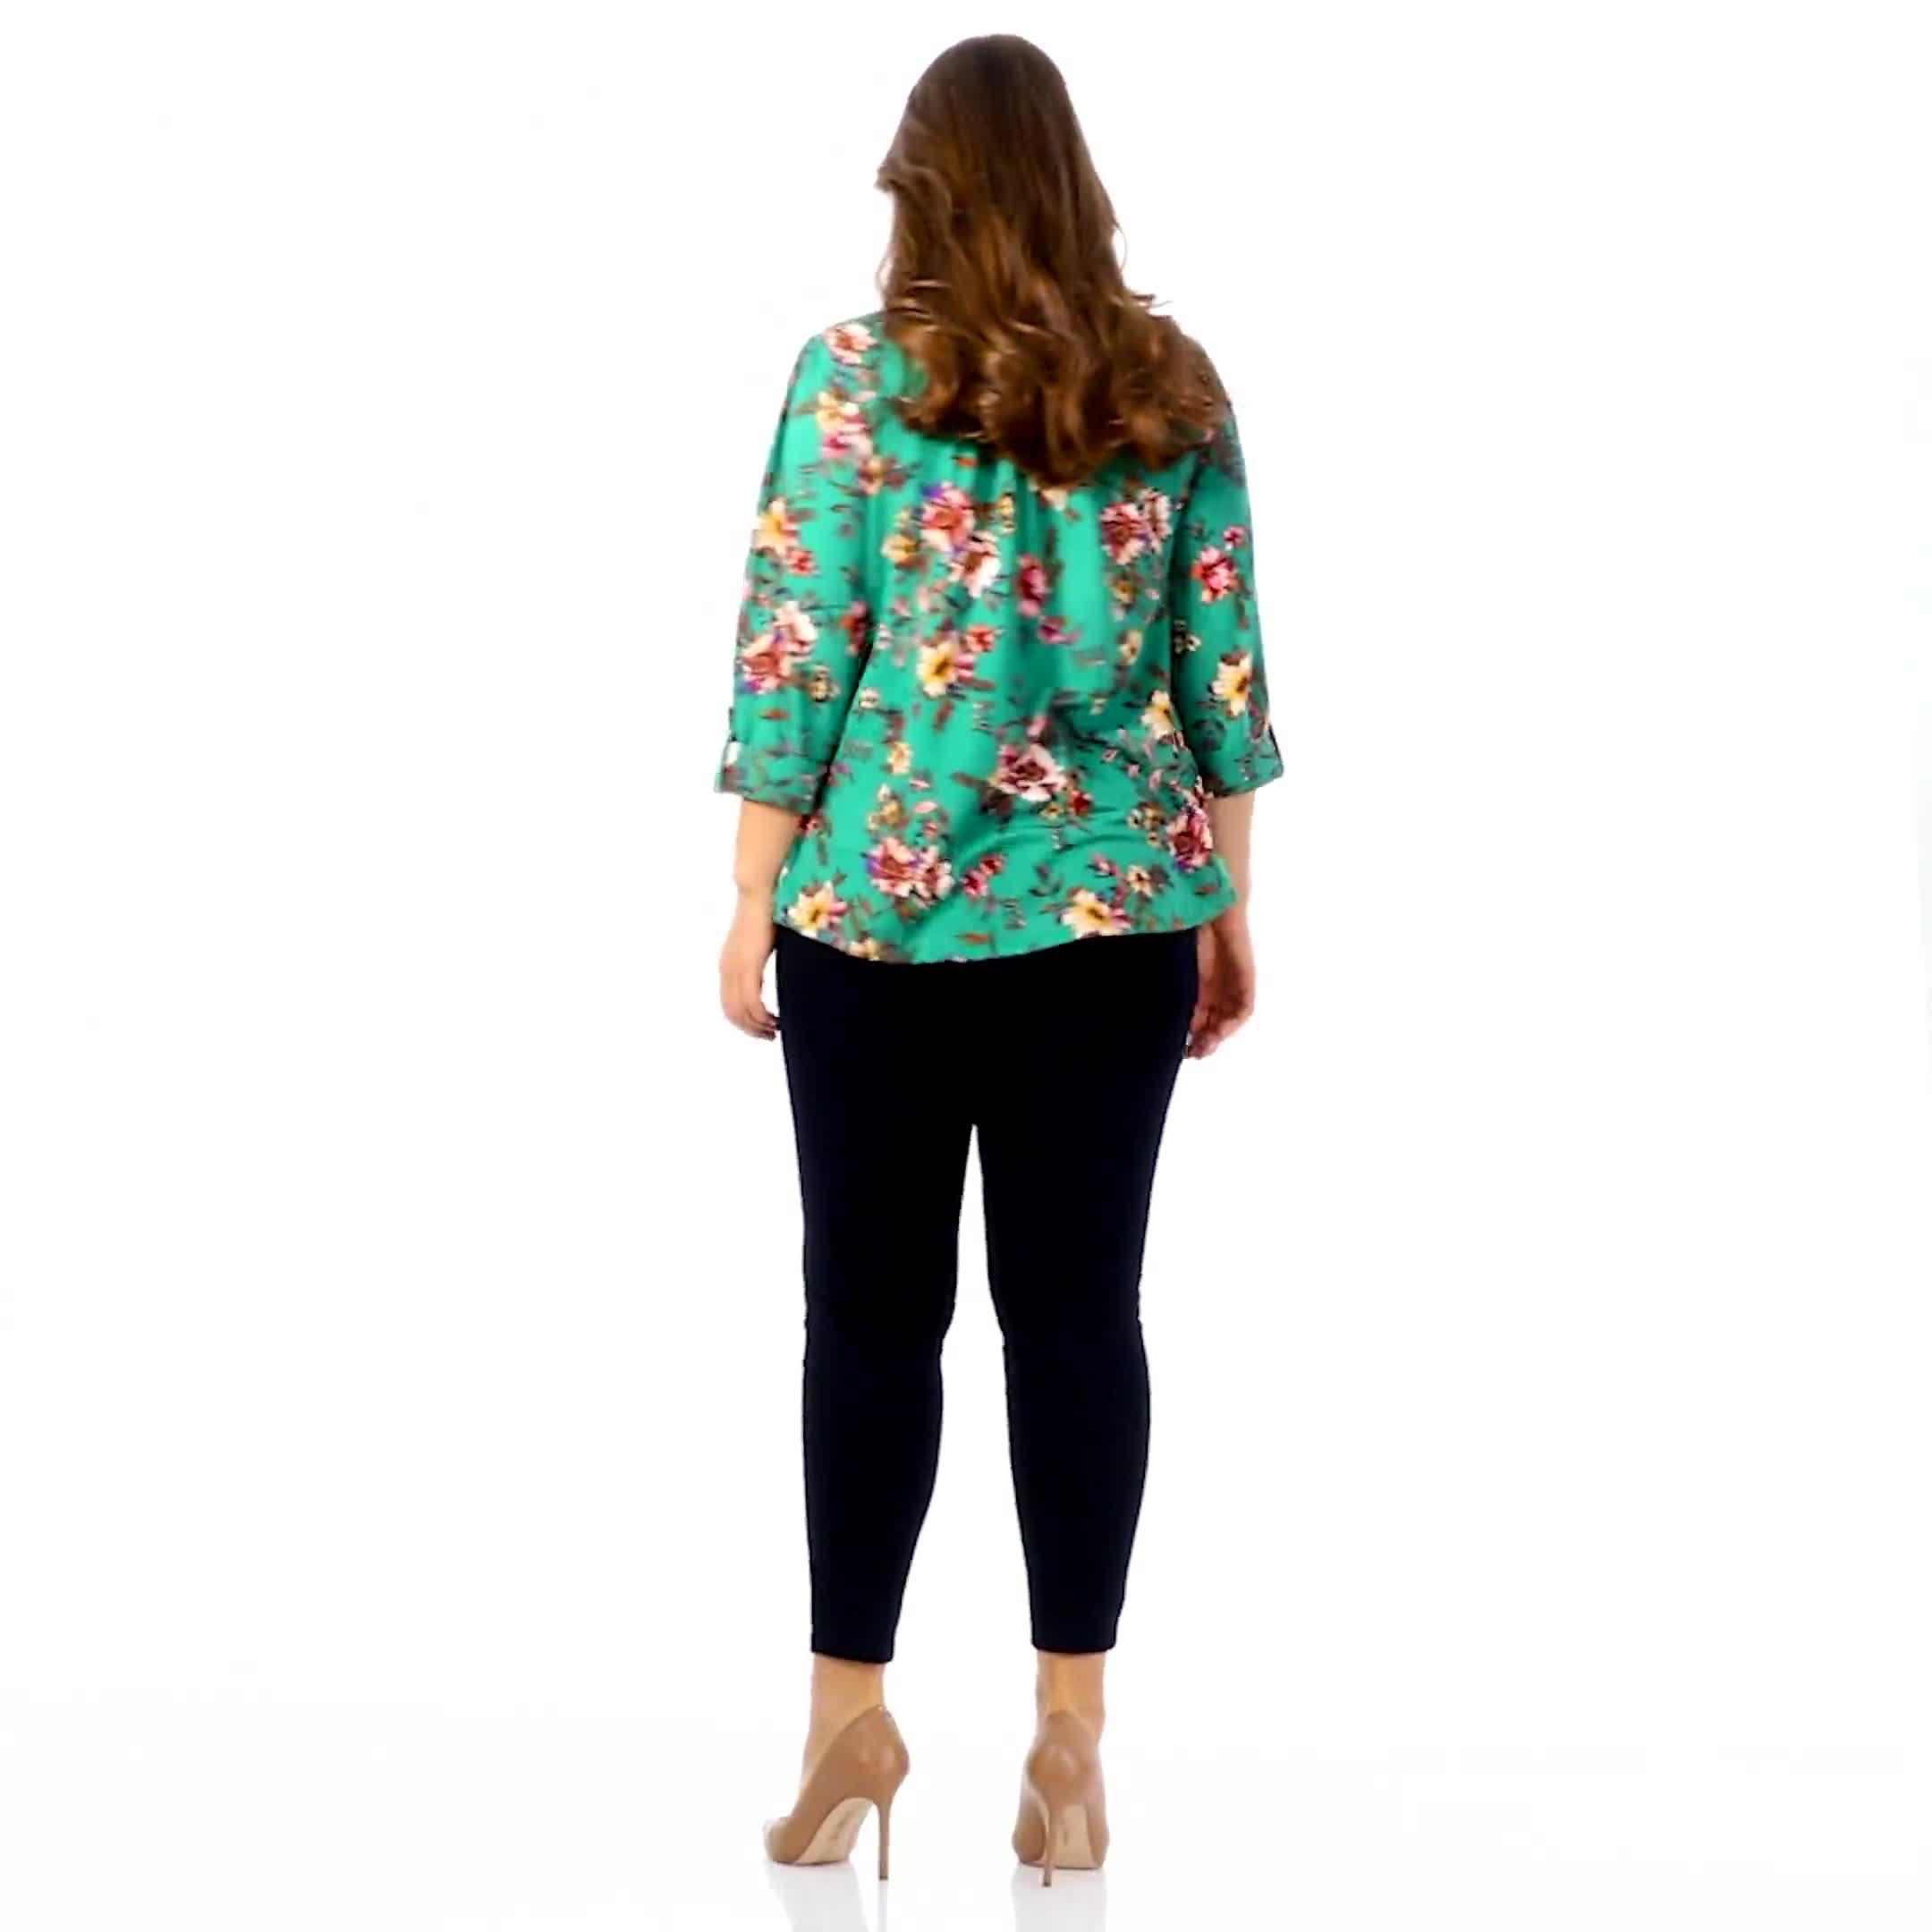 Roz & Ali Multi Color Floral Popover - Plus - Video